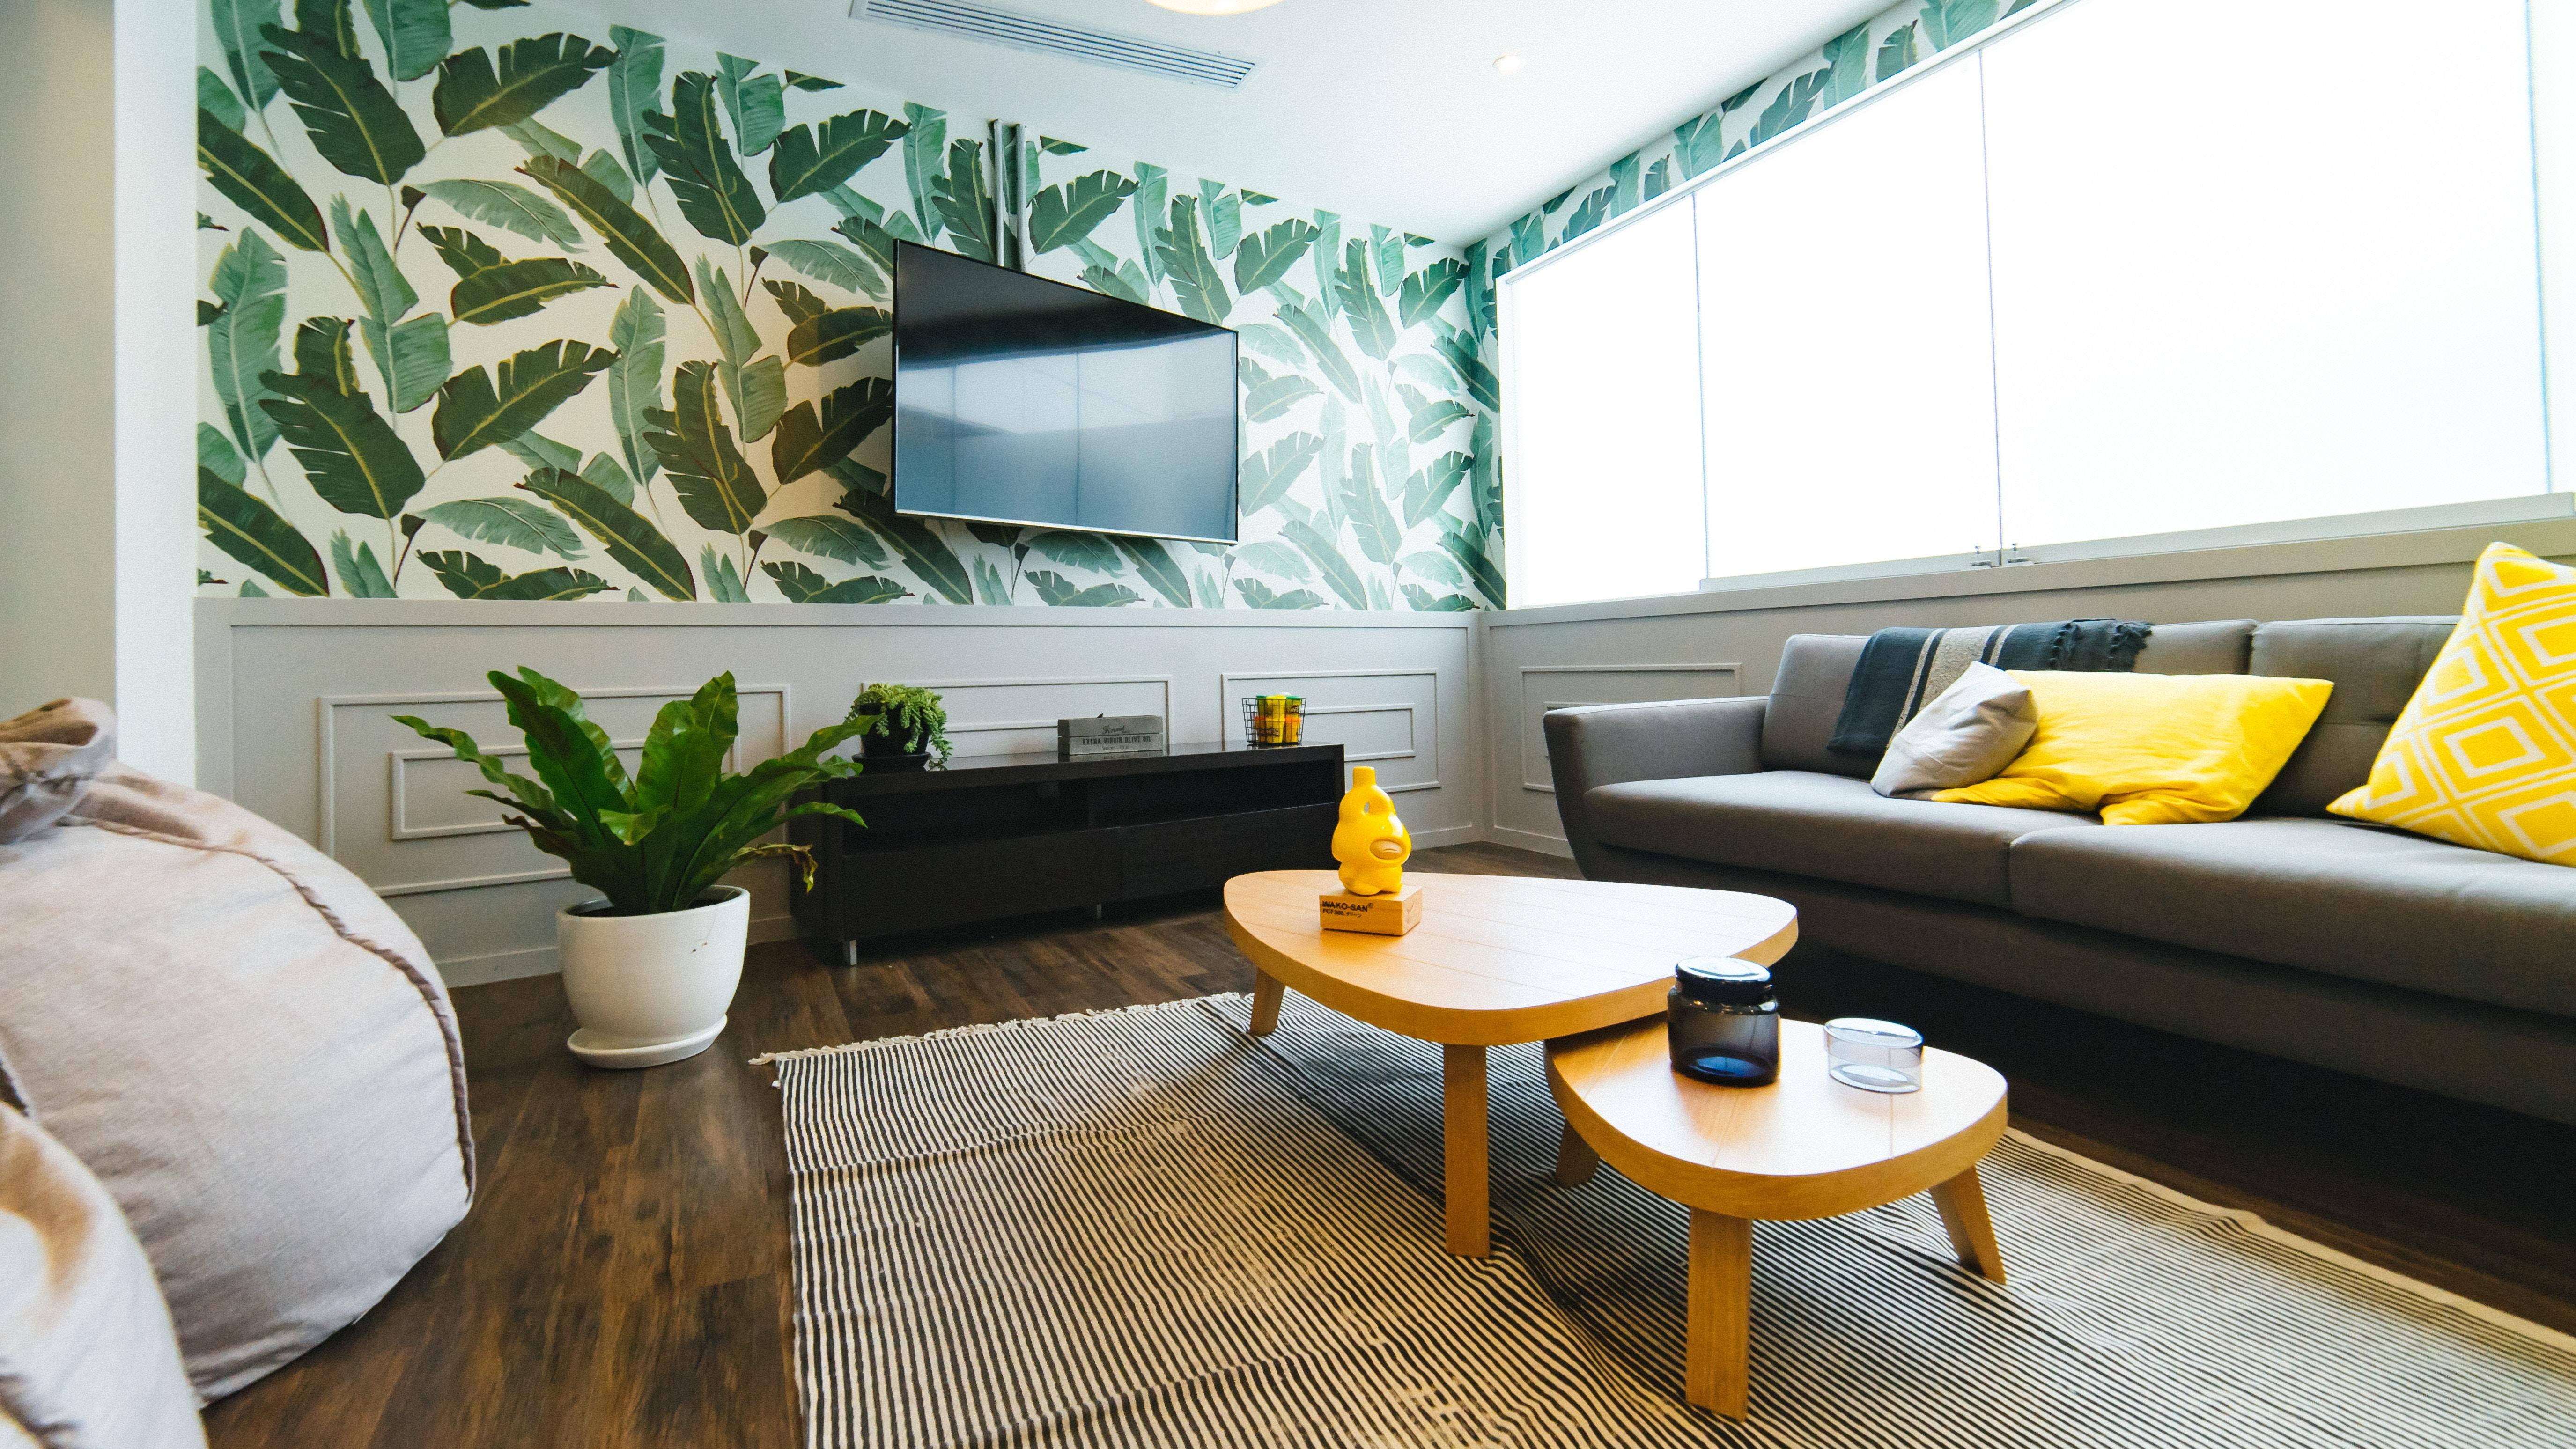 wallpaper walls